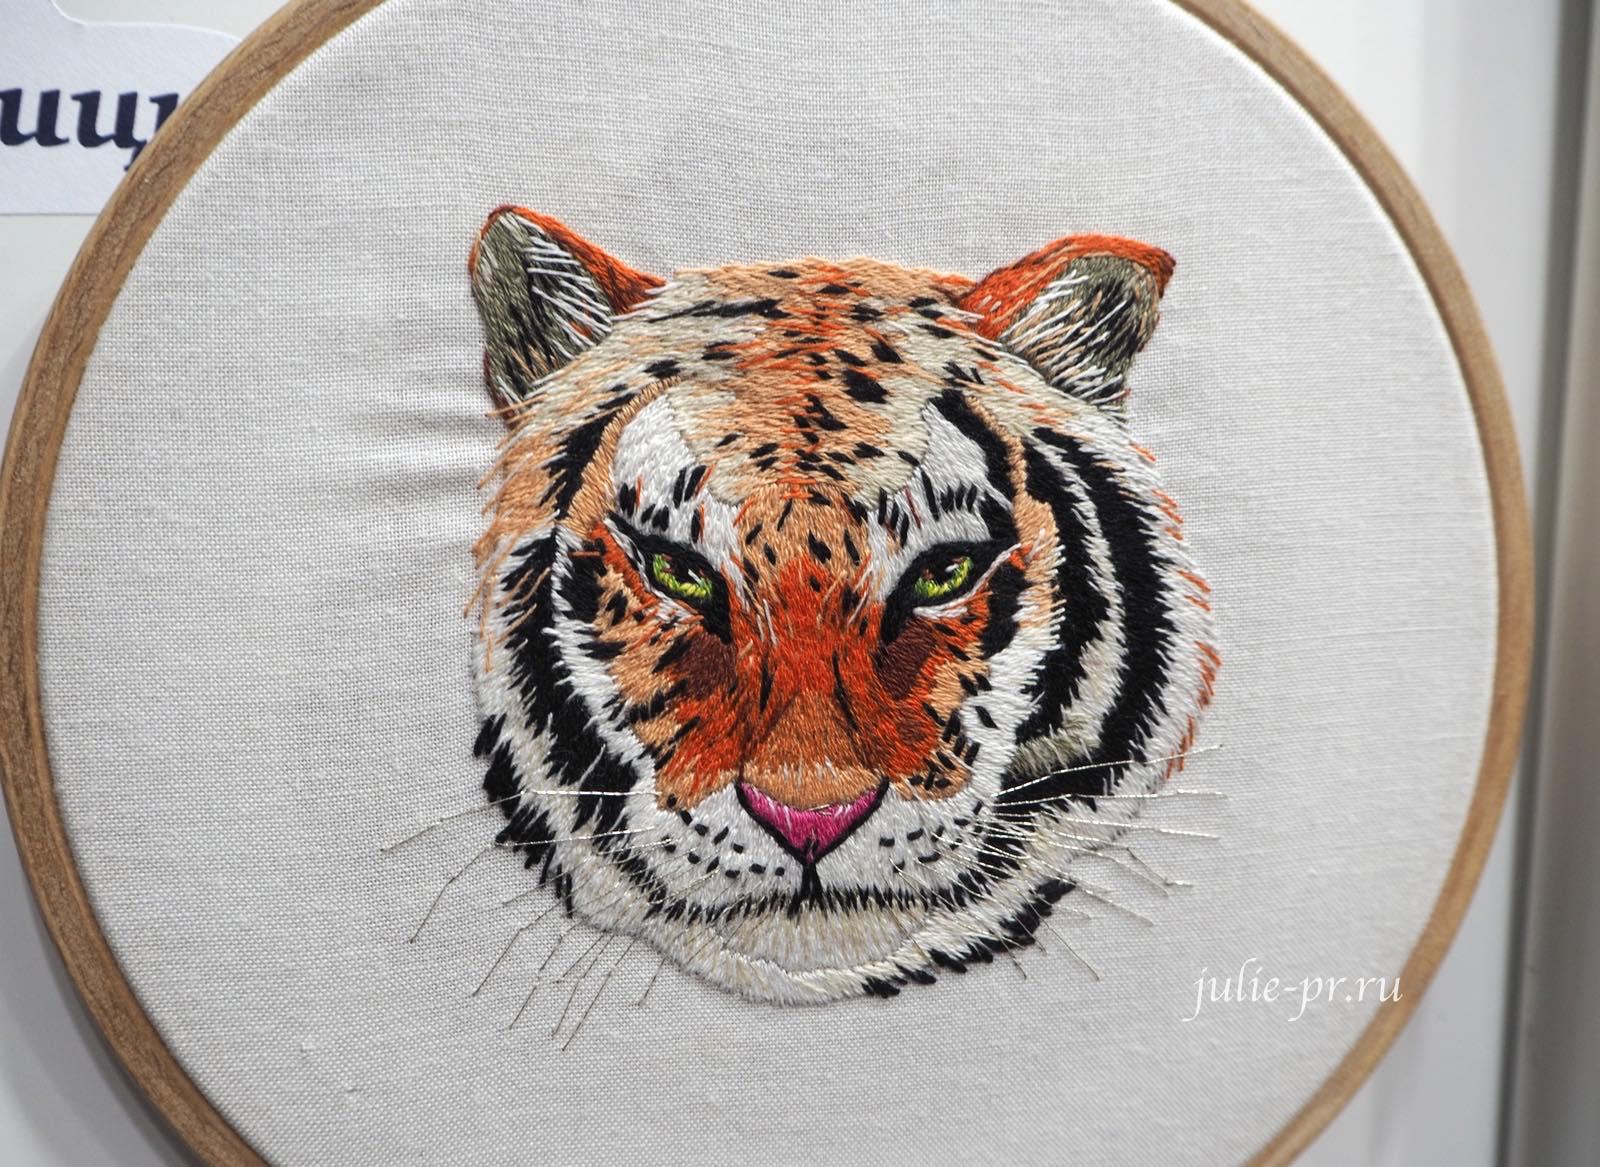 Panna, Панна, вышивка гладью, тигр